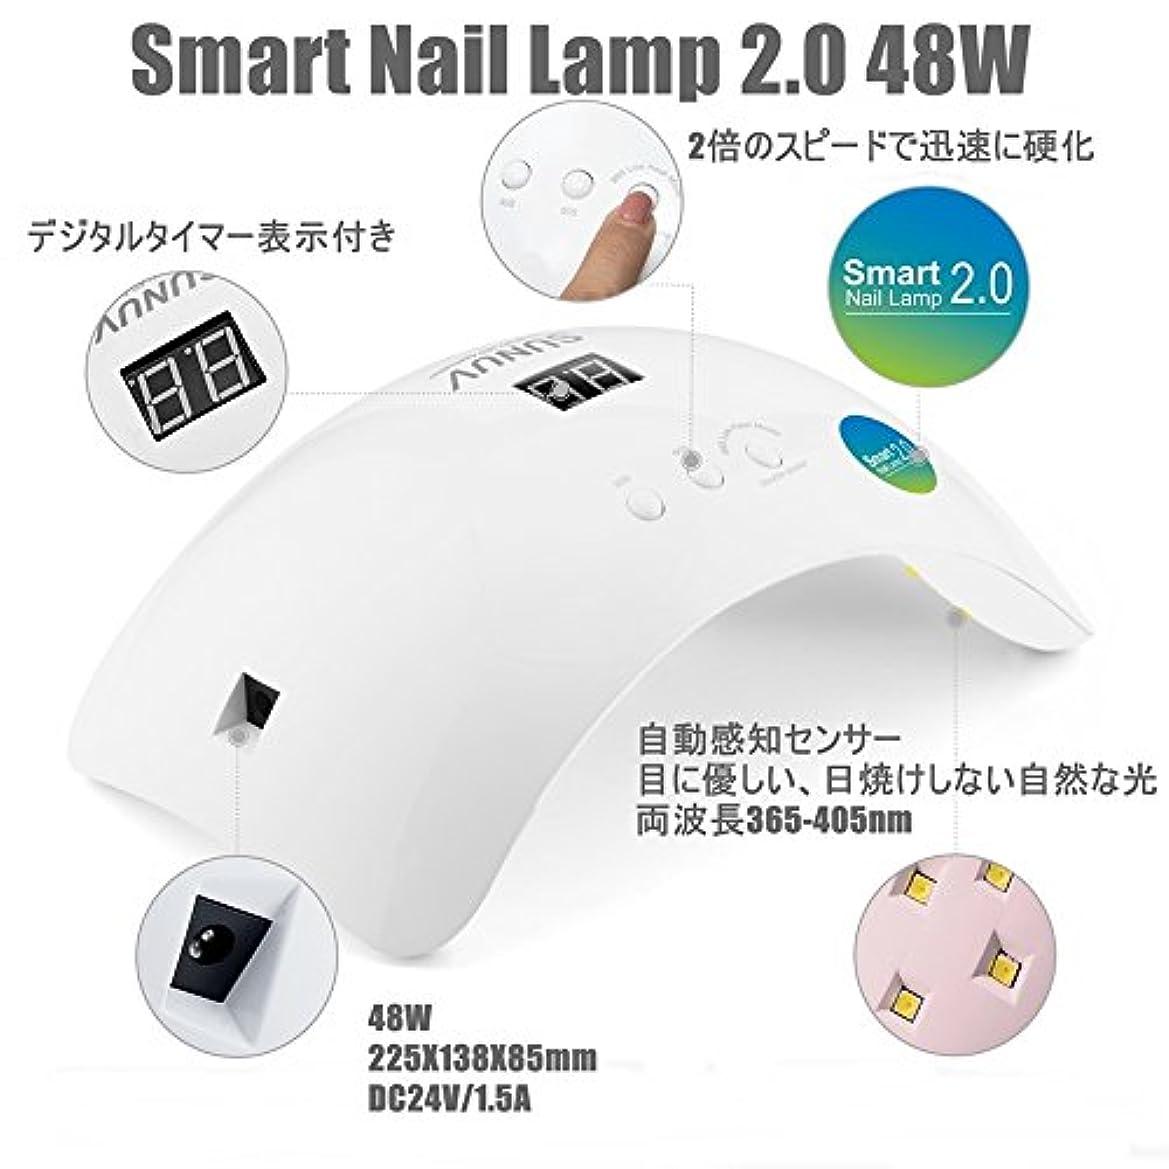 マイルドグリーンランドコート【最新型】【国内6ヶ月保証】Smart Nail Lamp 2.0 48W【ジェルネイルレジン用ライト】